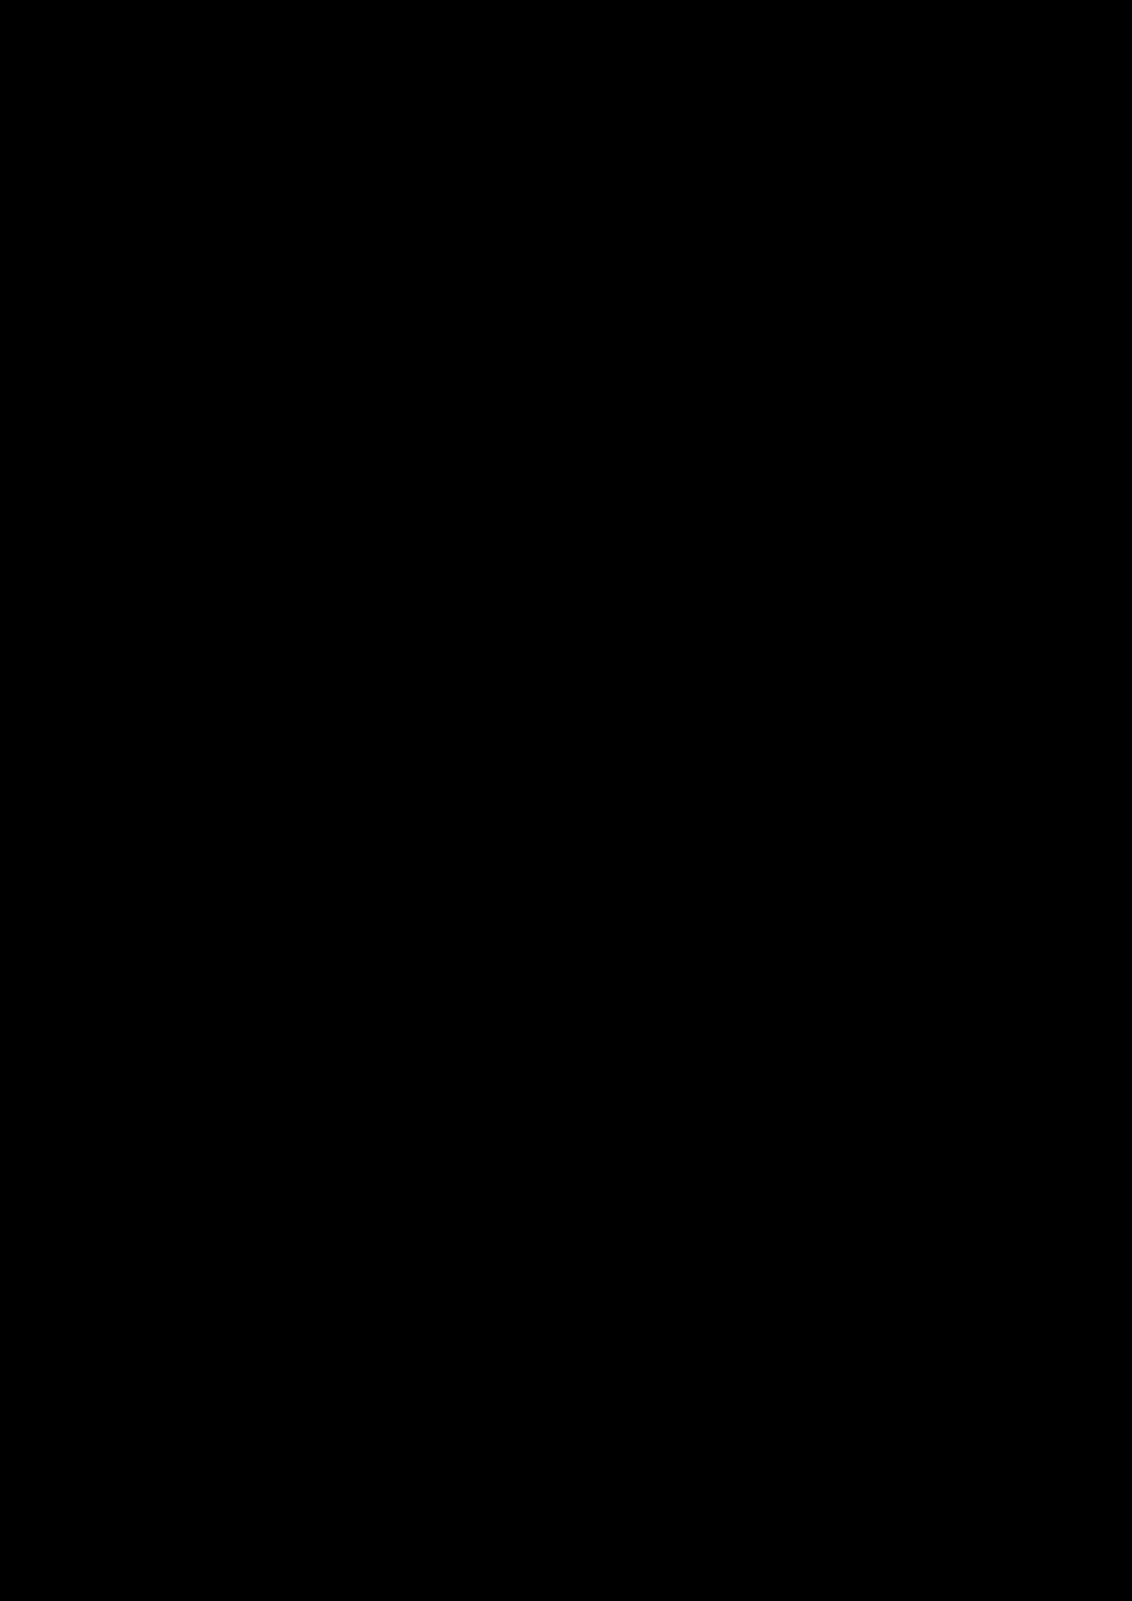 Hools slide, Image 7